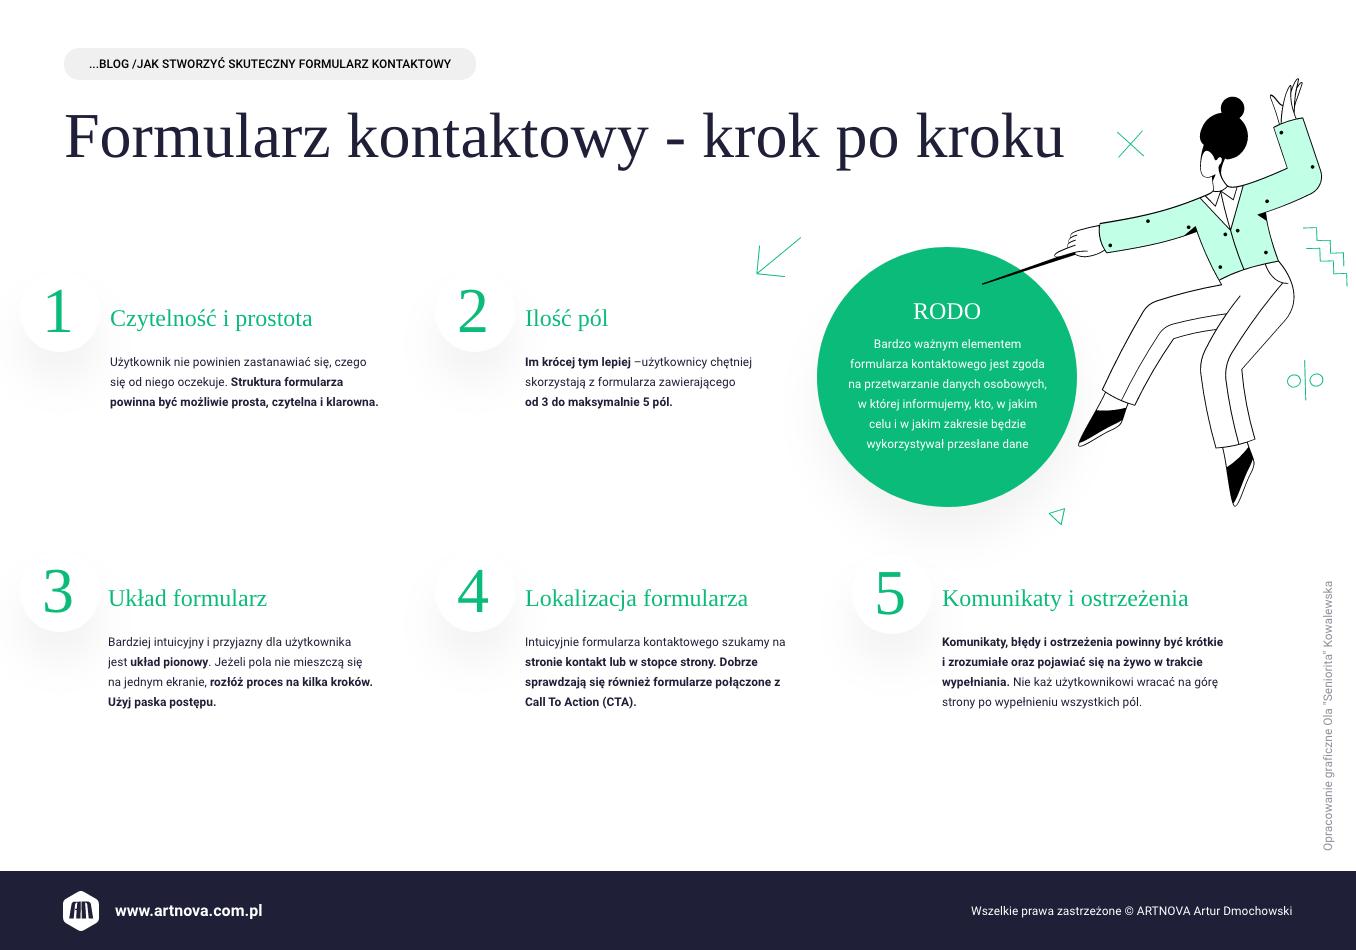 infografika: Formularz kontaktowy - krok po kroku